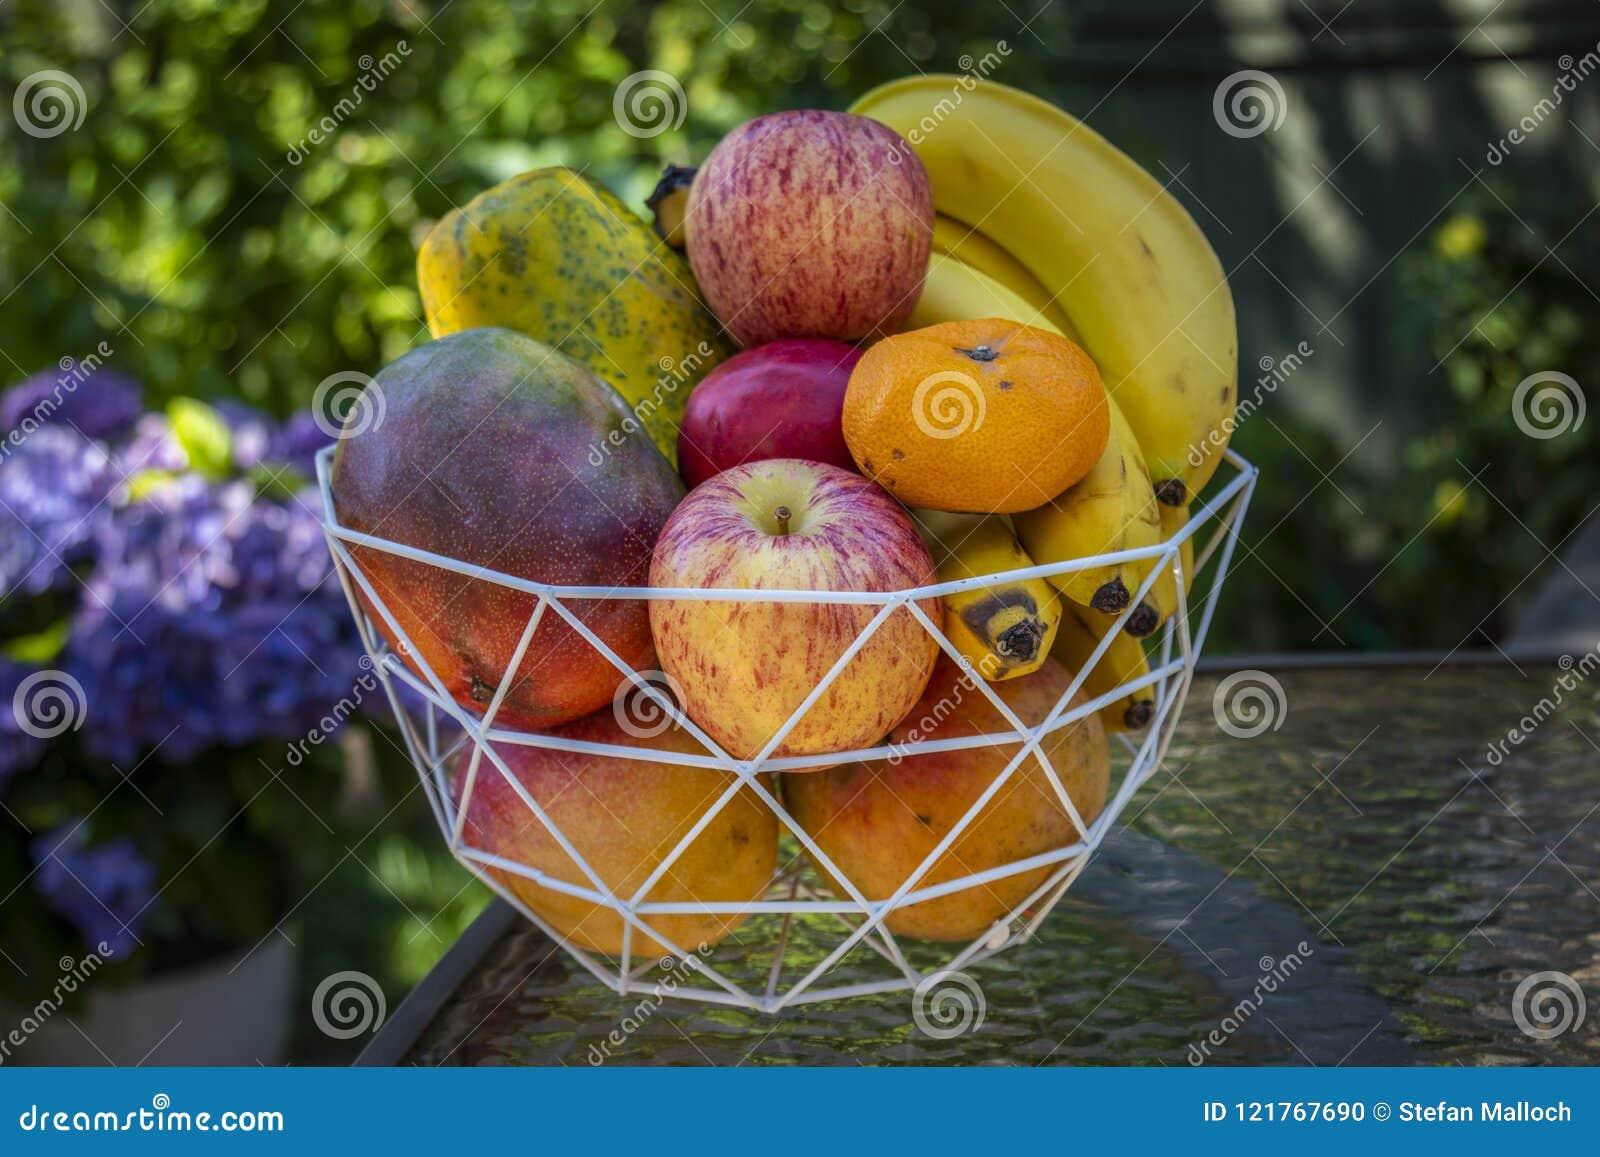 En bunke av läcker ny frukt med äpplen, bananer, apelsiner, mango och papayas